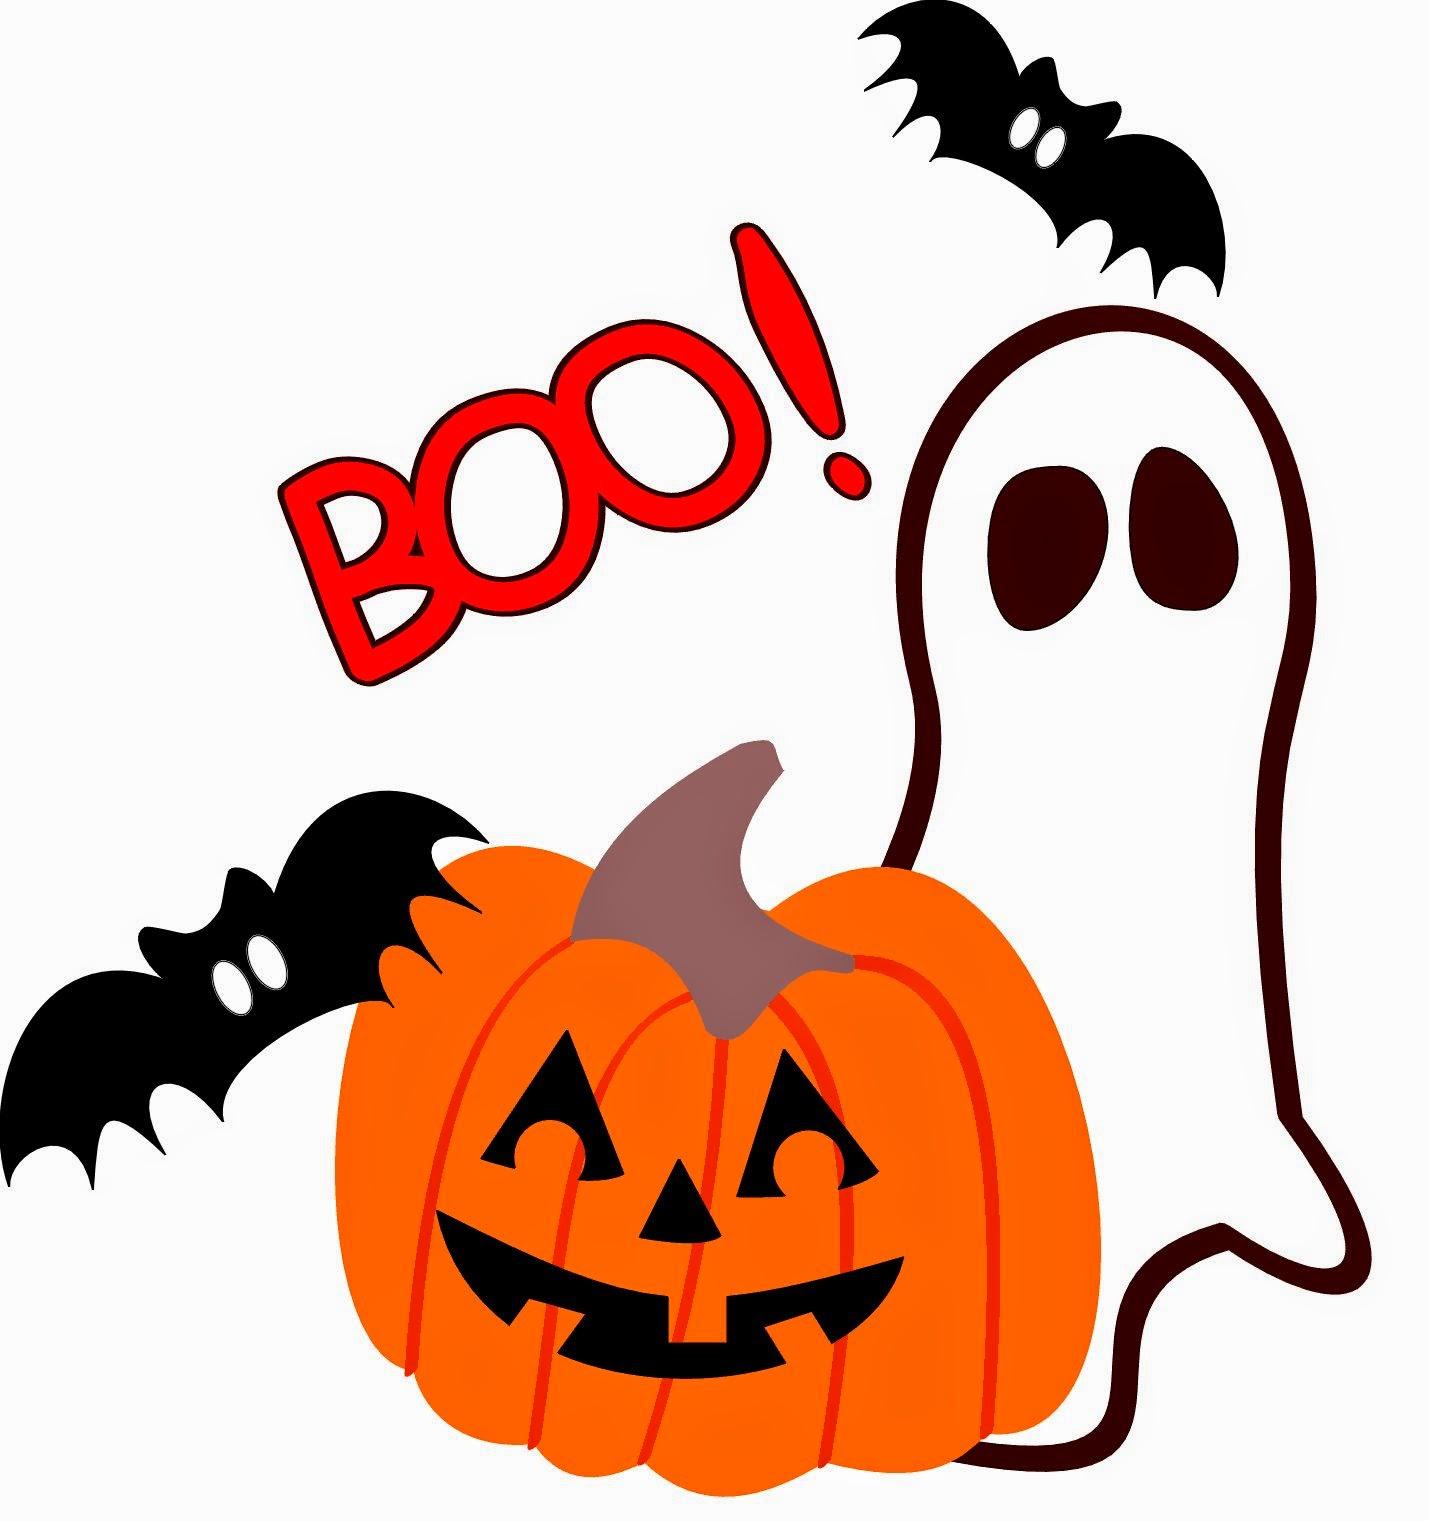 imagenes y postales de halloween para compartir todo en On imagenes de halloween